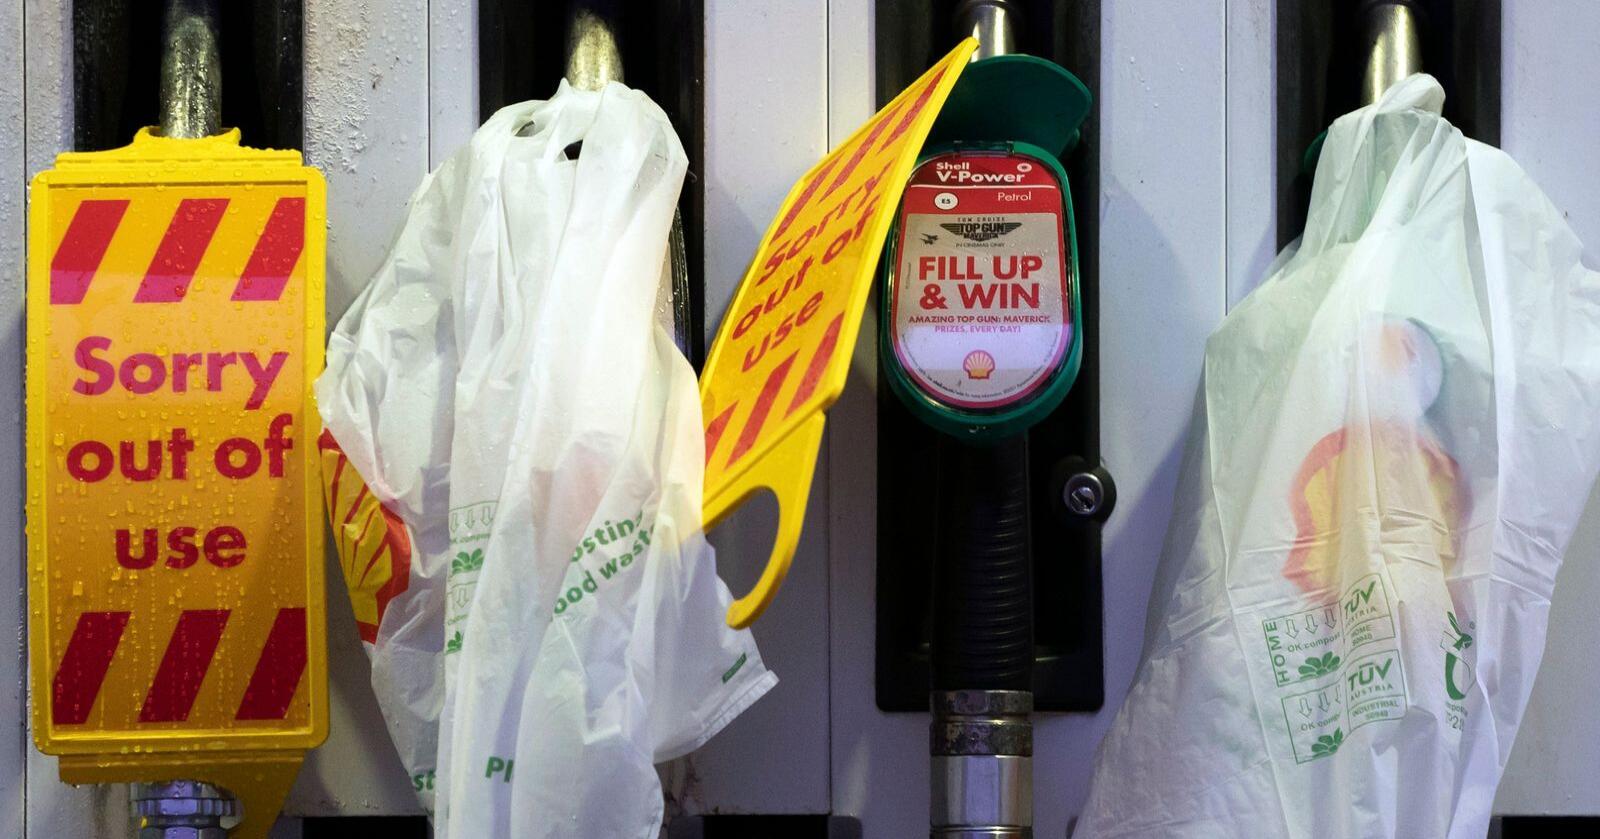 Stengte pumper i Manchester. Britene har i lengre tid merket varemangler her og der, og da meldingen kom om at bensinpumper var tomme over hele landet, begynte panikkhamstringen, tross anmodninger om å ikke kjøpe drivstoff man ikke trengte. Foto: Jon Super / AP / NTB